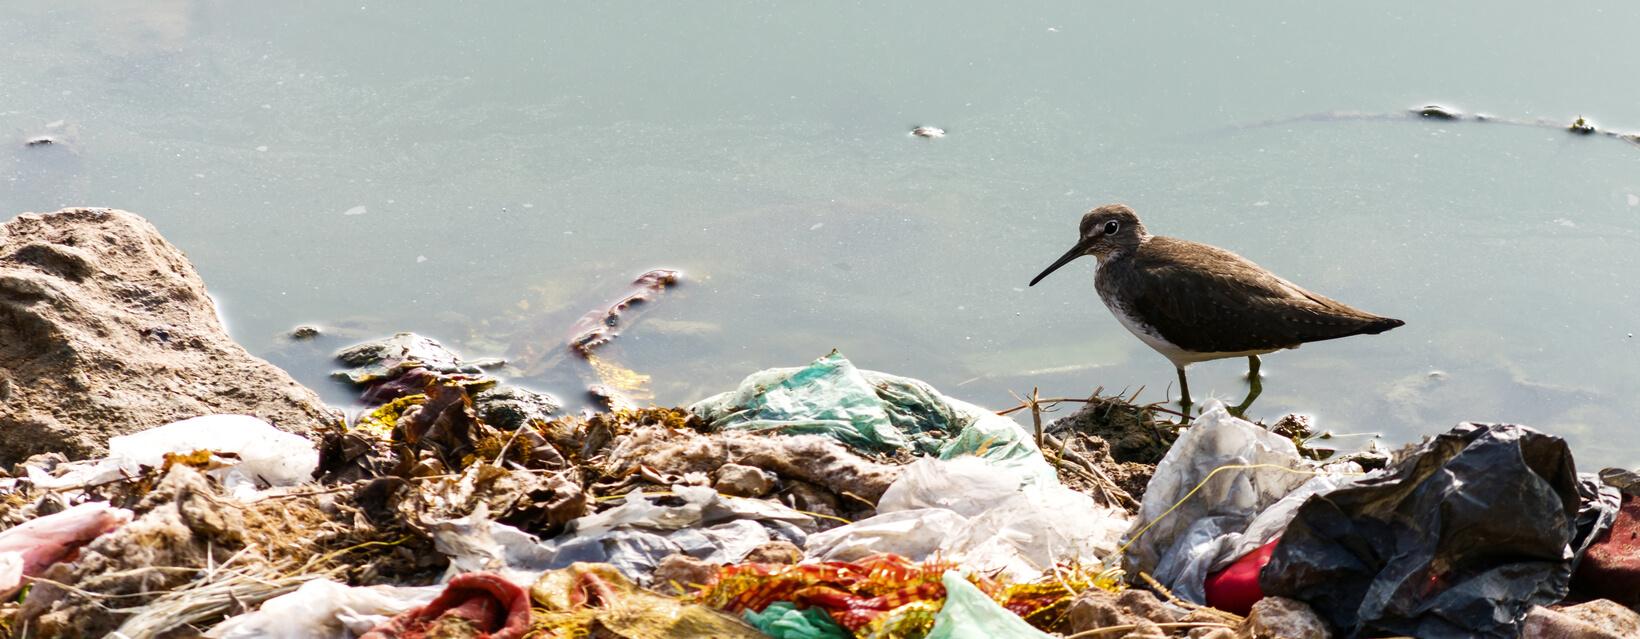 ¡Mira todo lo que puedes contaminar en cada viaje!